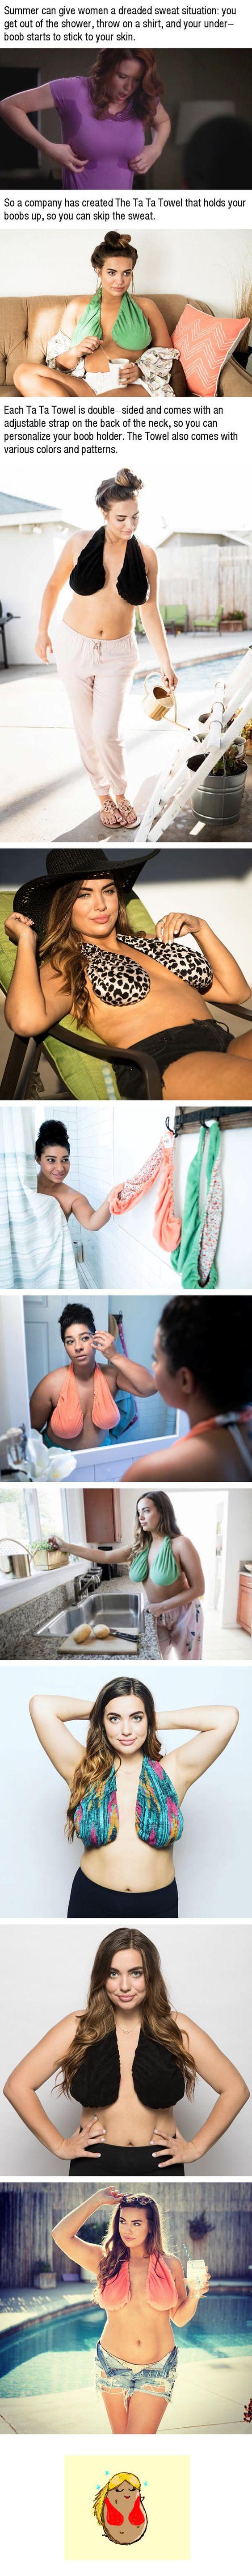 The Ta-Ta Towel Is A Comfortable Boob Hammock To Prevent Humidtitties